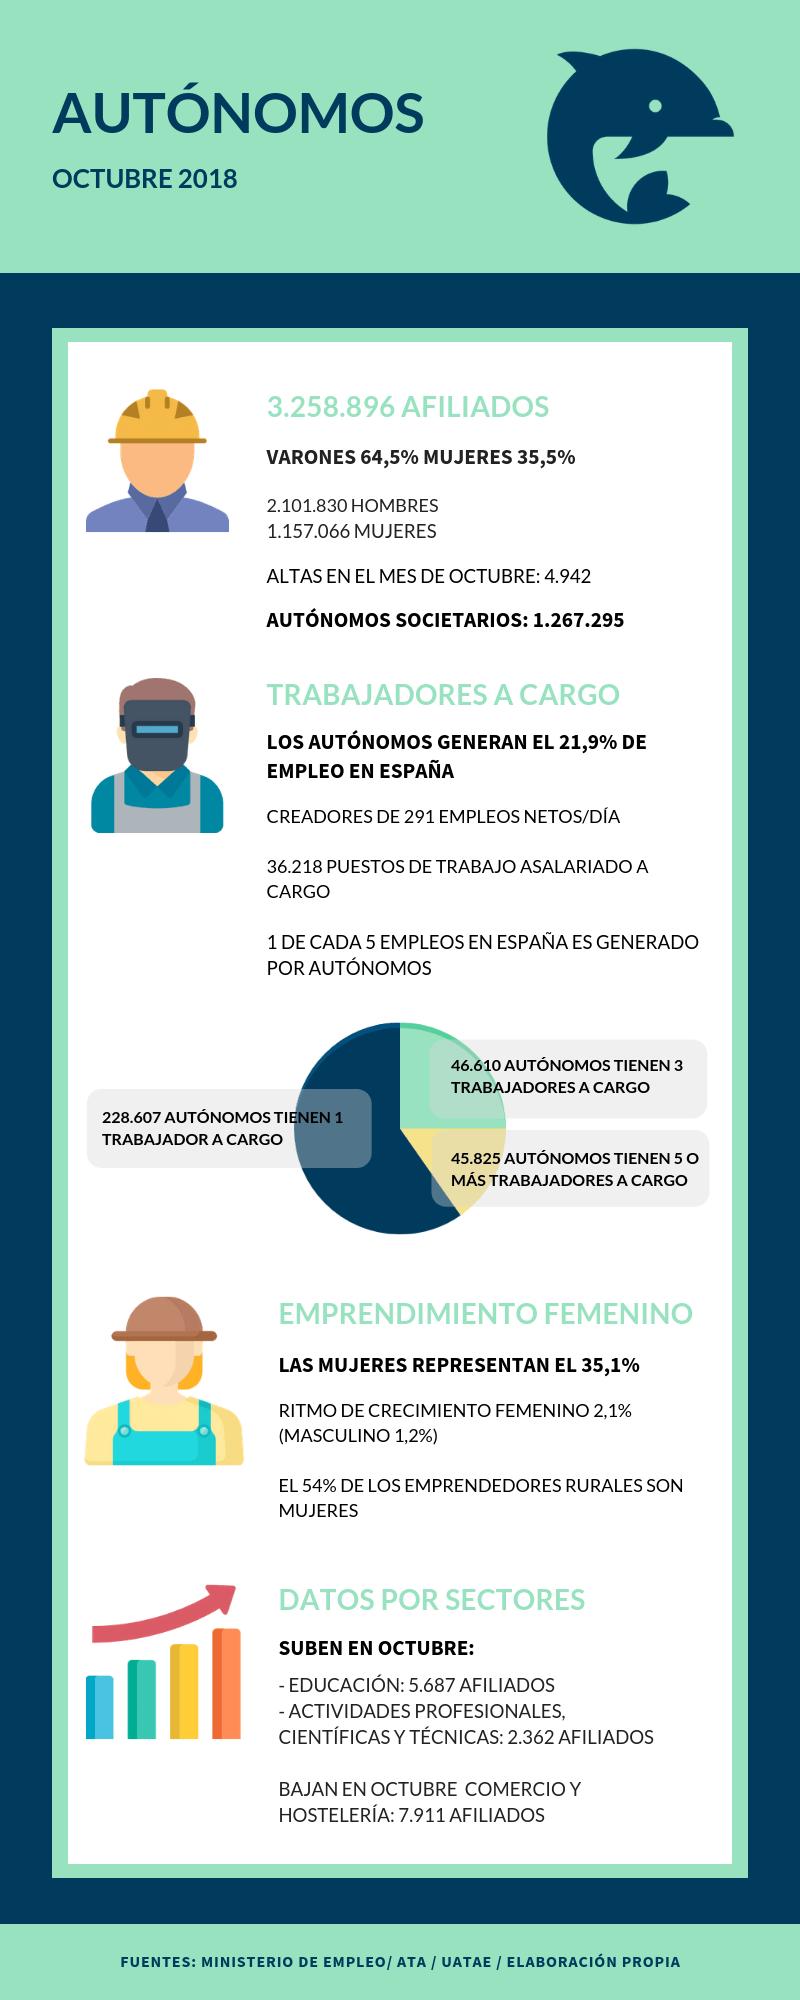 Datos sobre los autónomos en España